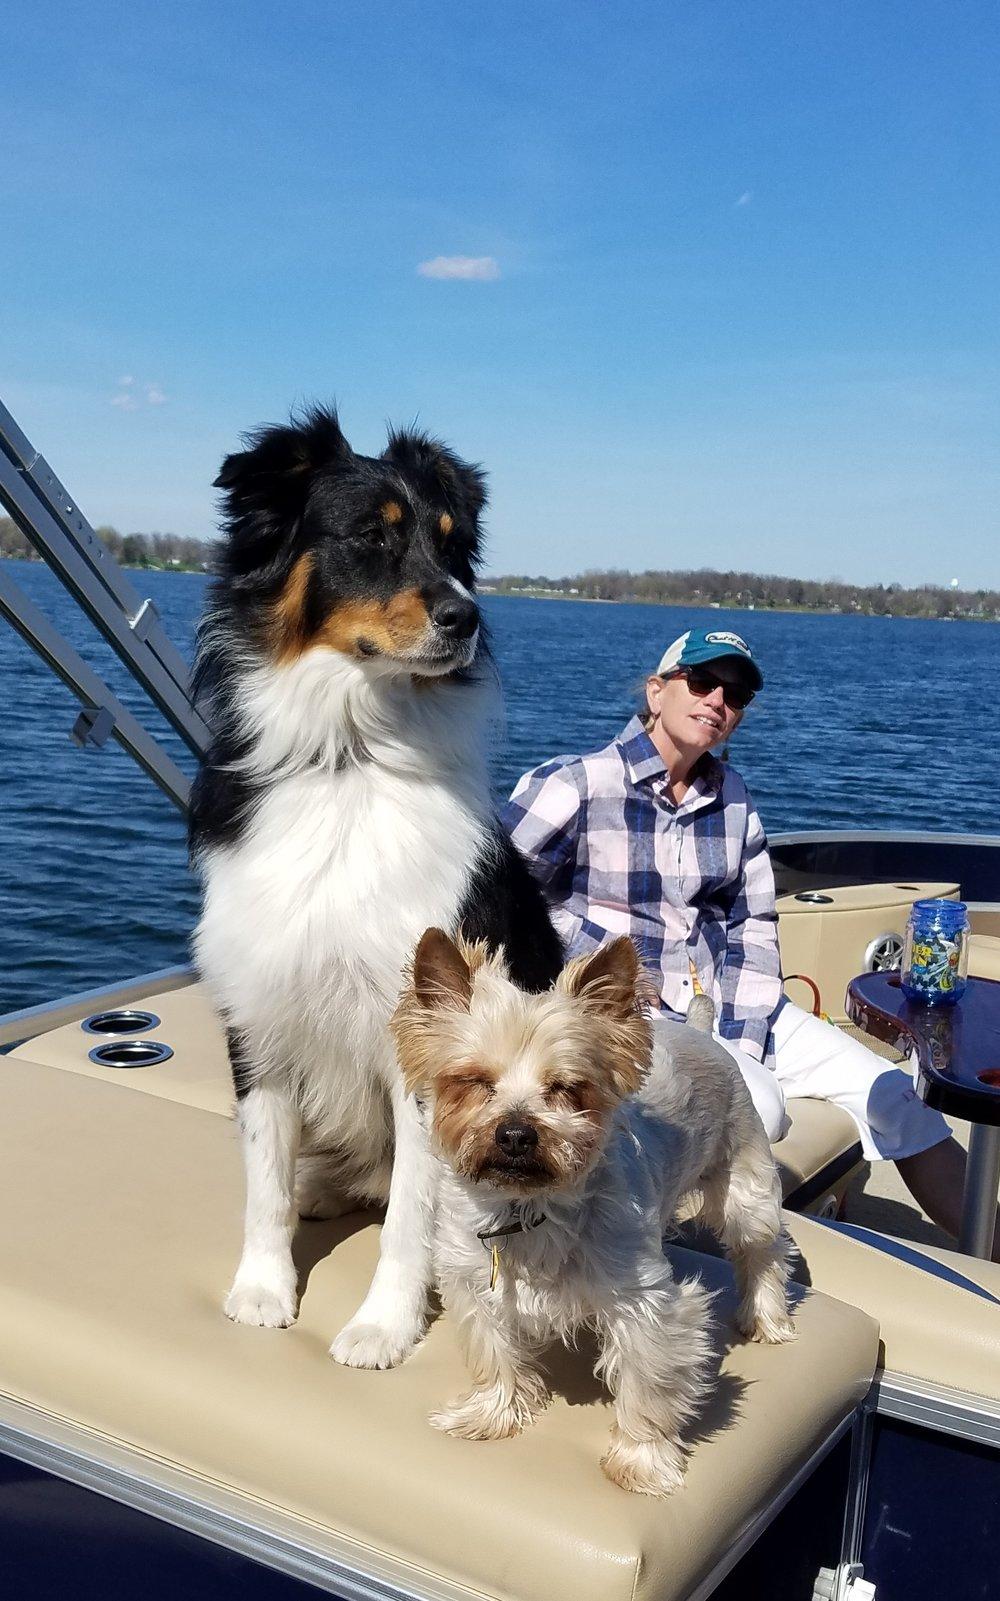 lori boat dogs.jpg